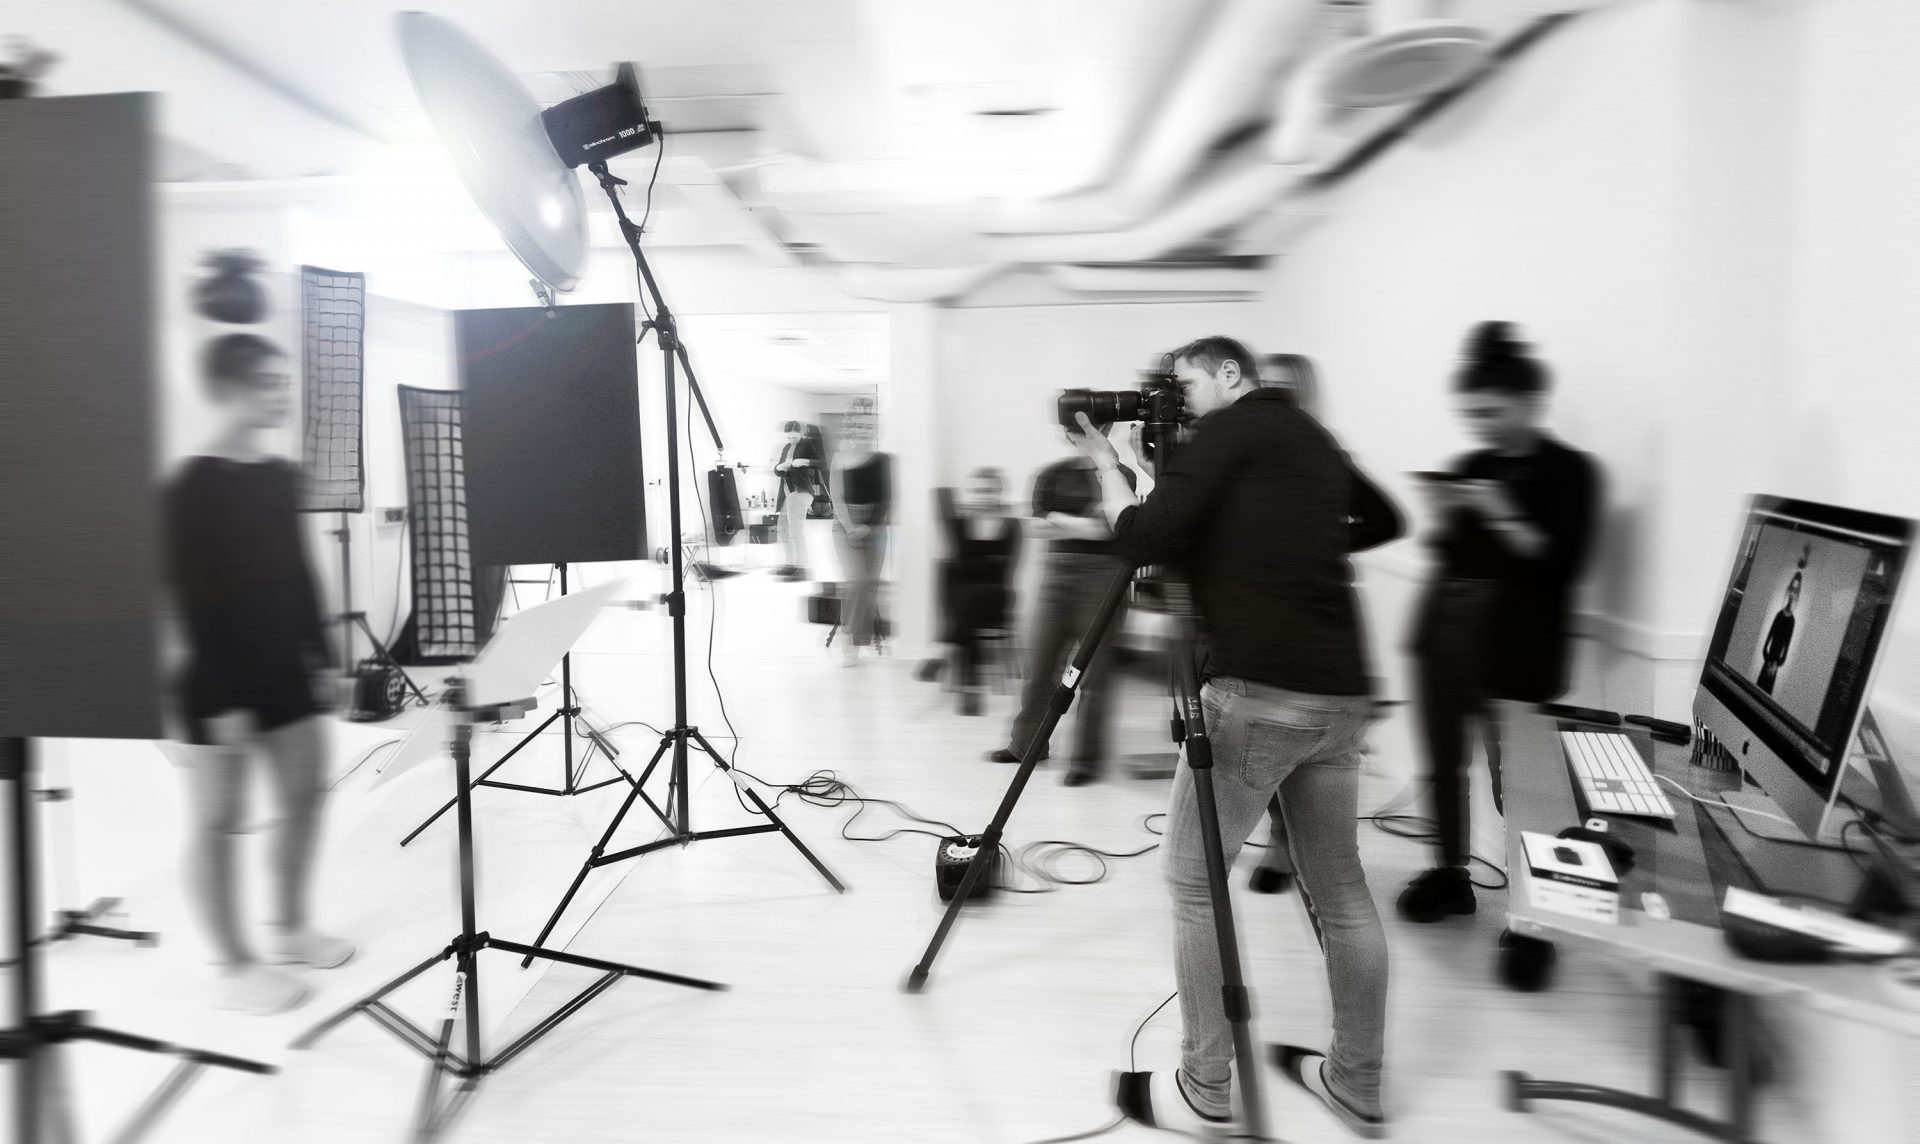 Fotograf i Halmstad, Fotograf Halmstad. Produktfotograf. Reklamfilm. Porträtt. Företag, produktfoto, studio halmstad